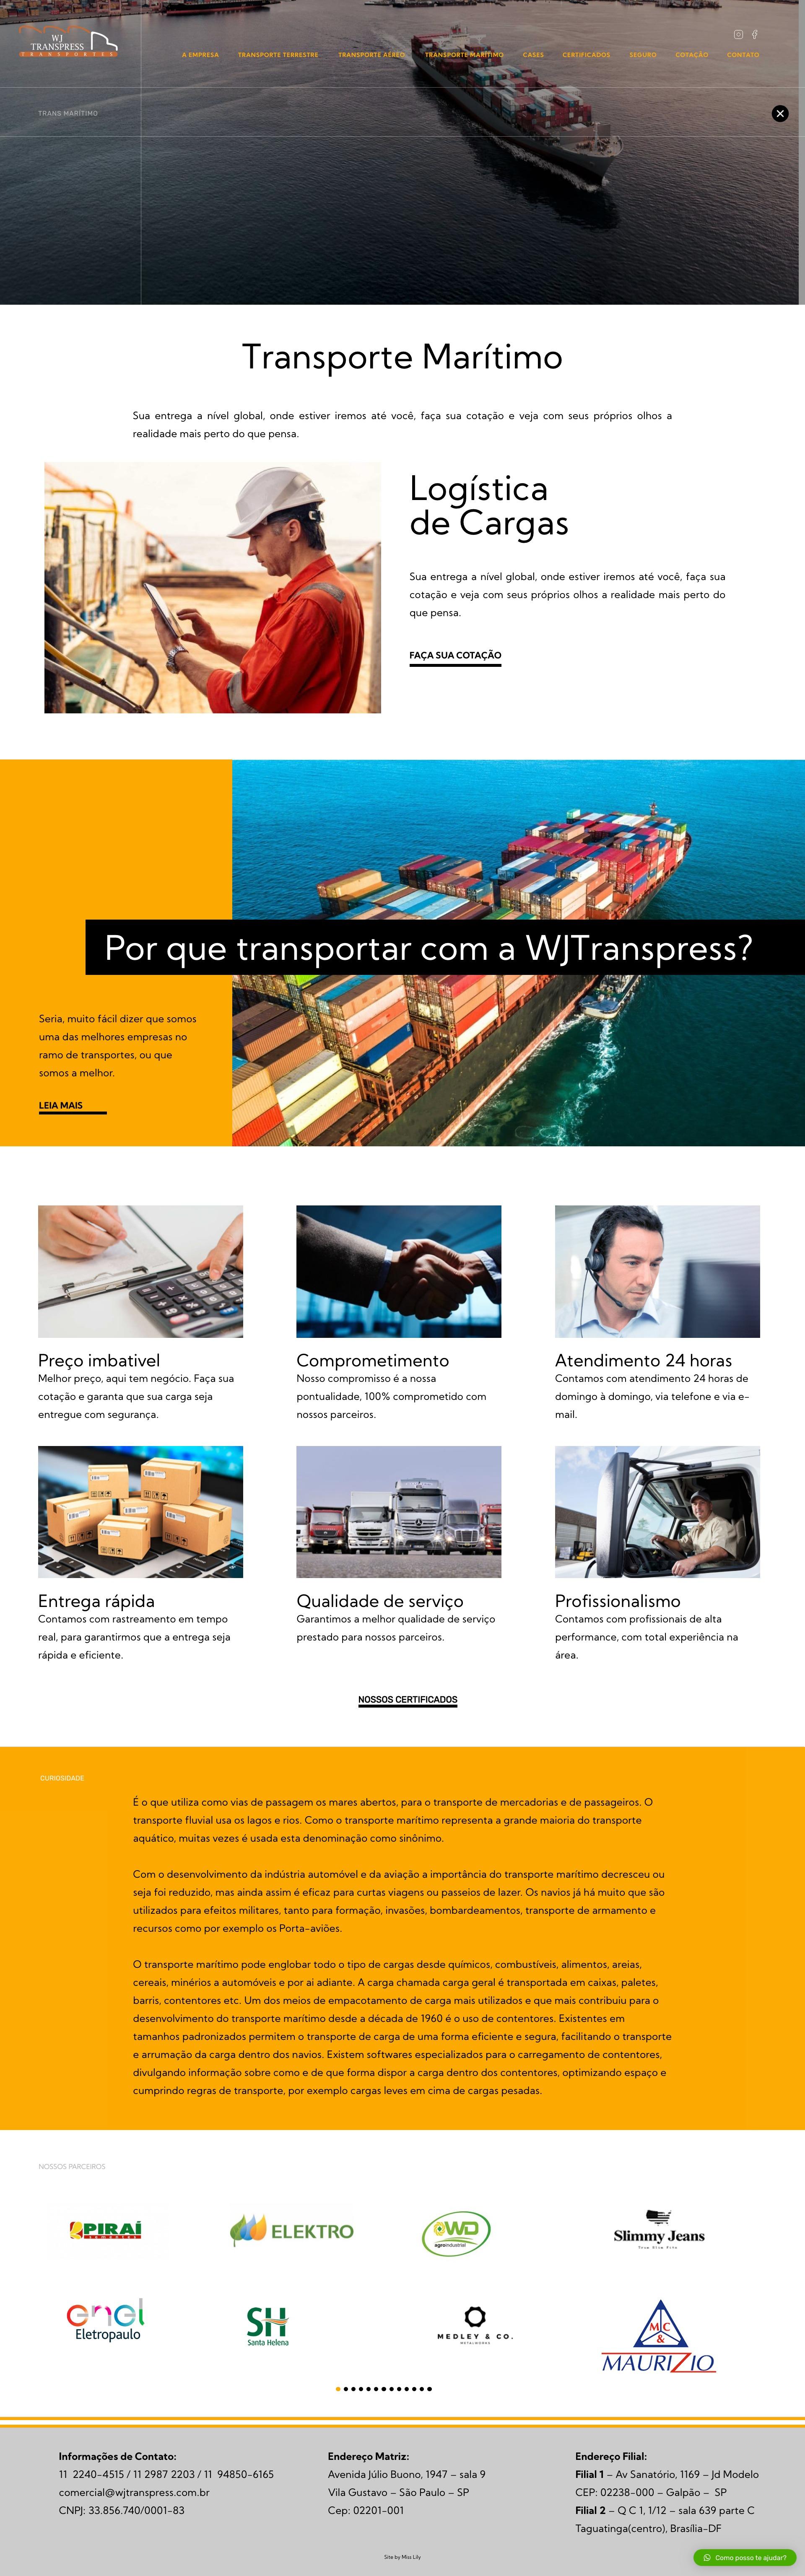 6- Transporte Marítimo - WJ Transpress - Transportadora